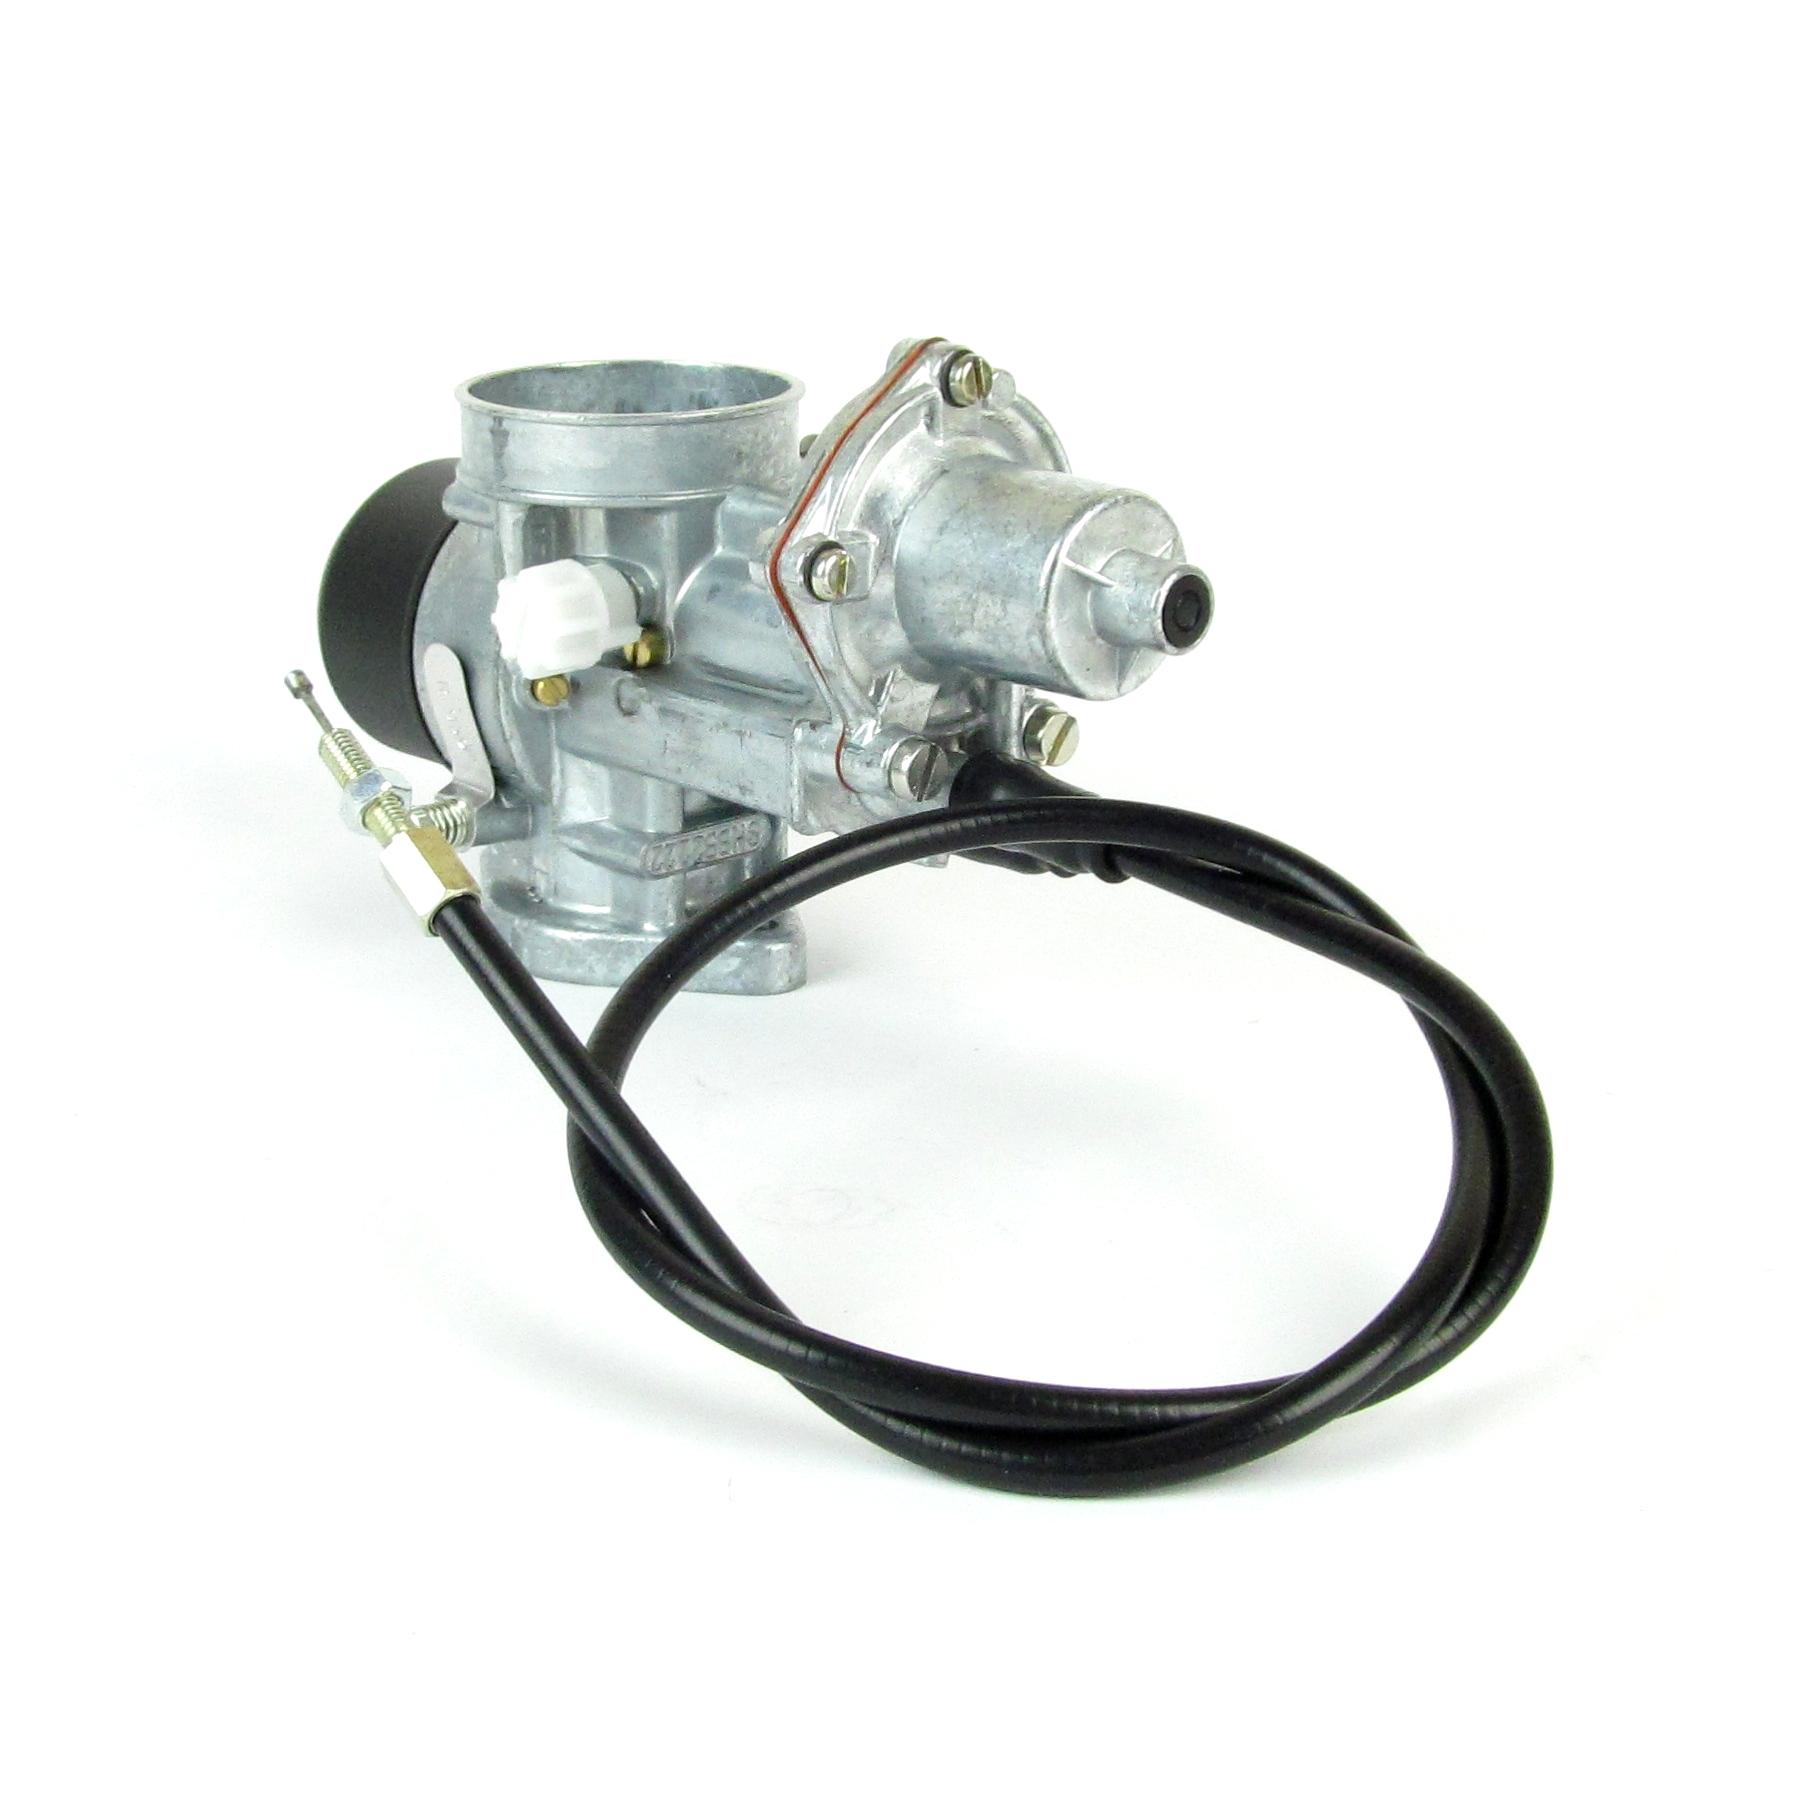 Dellorto SHBB 22.22 Карбюратар Piaggio APE Motocarro 2001 220cc 2-тактный